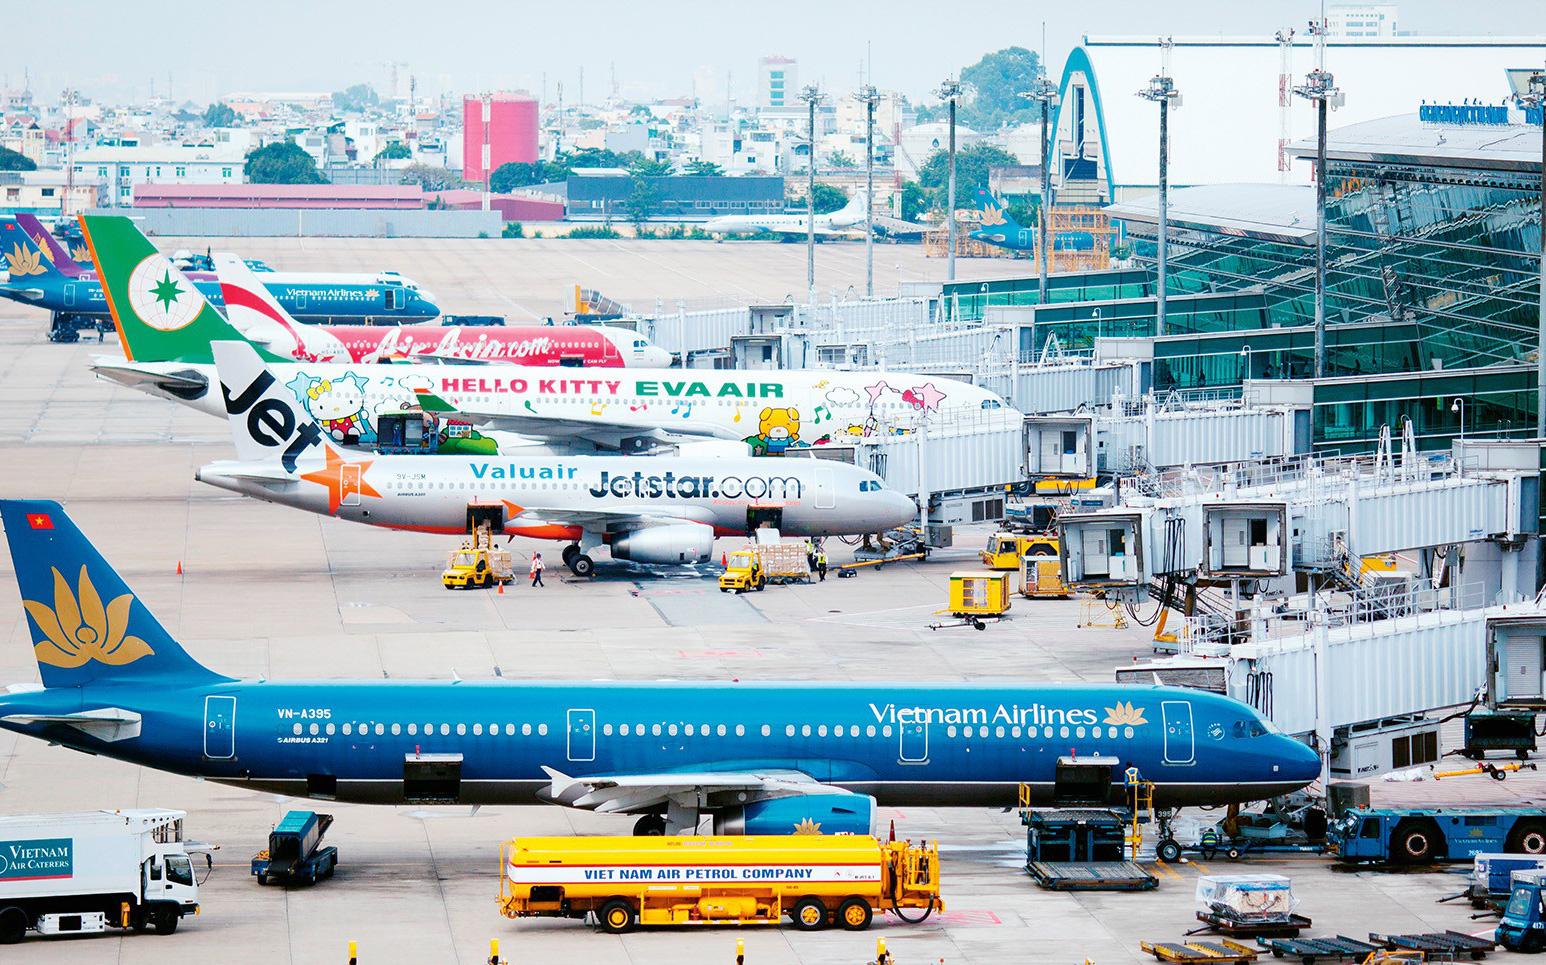 ACV chính thức là đơn vị thực hiện đầu tư mở rộng Cảng hàng không Điện Biên